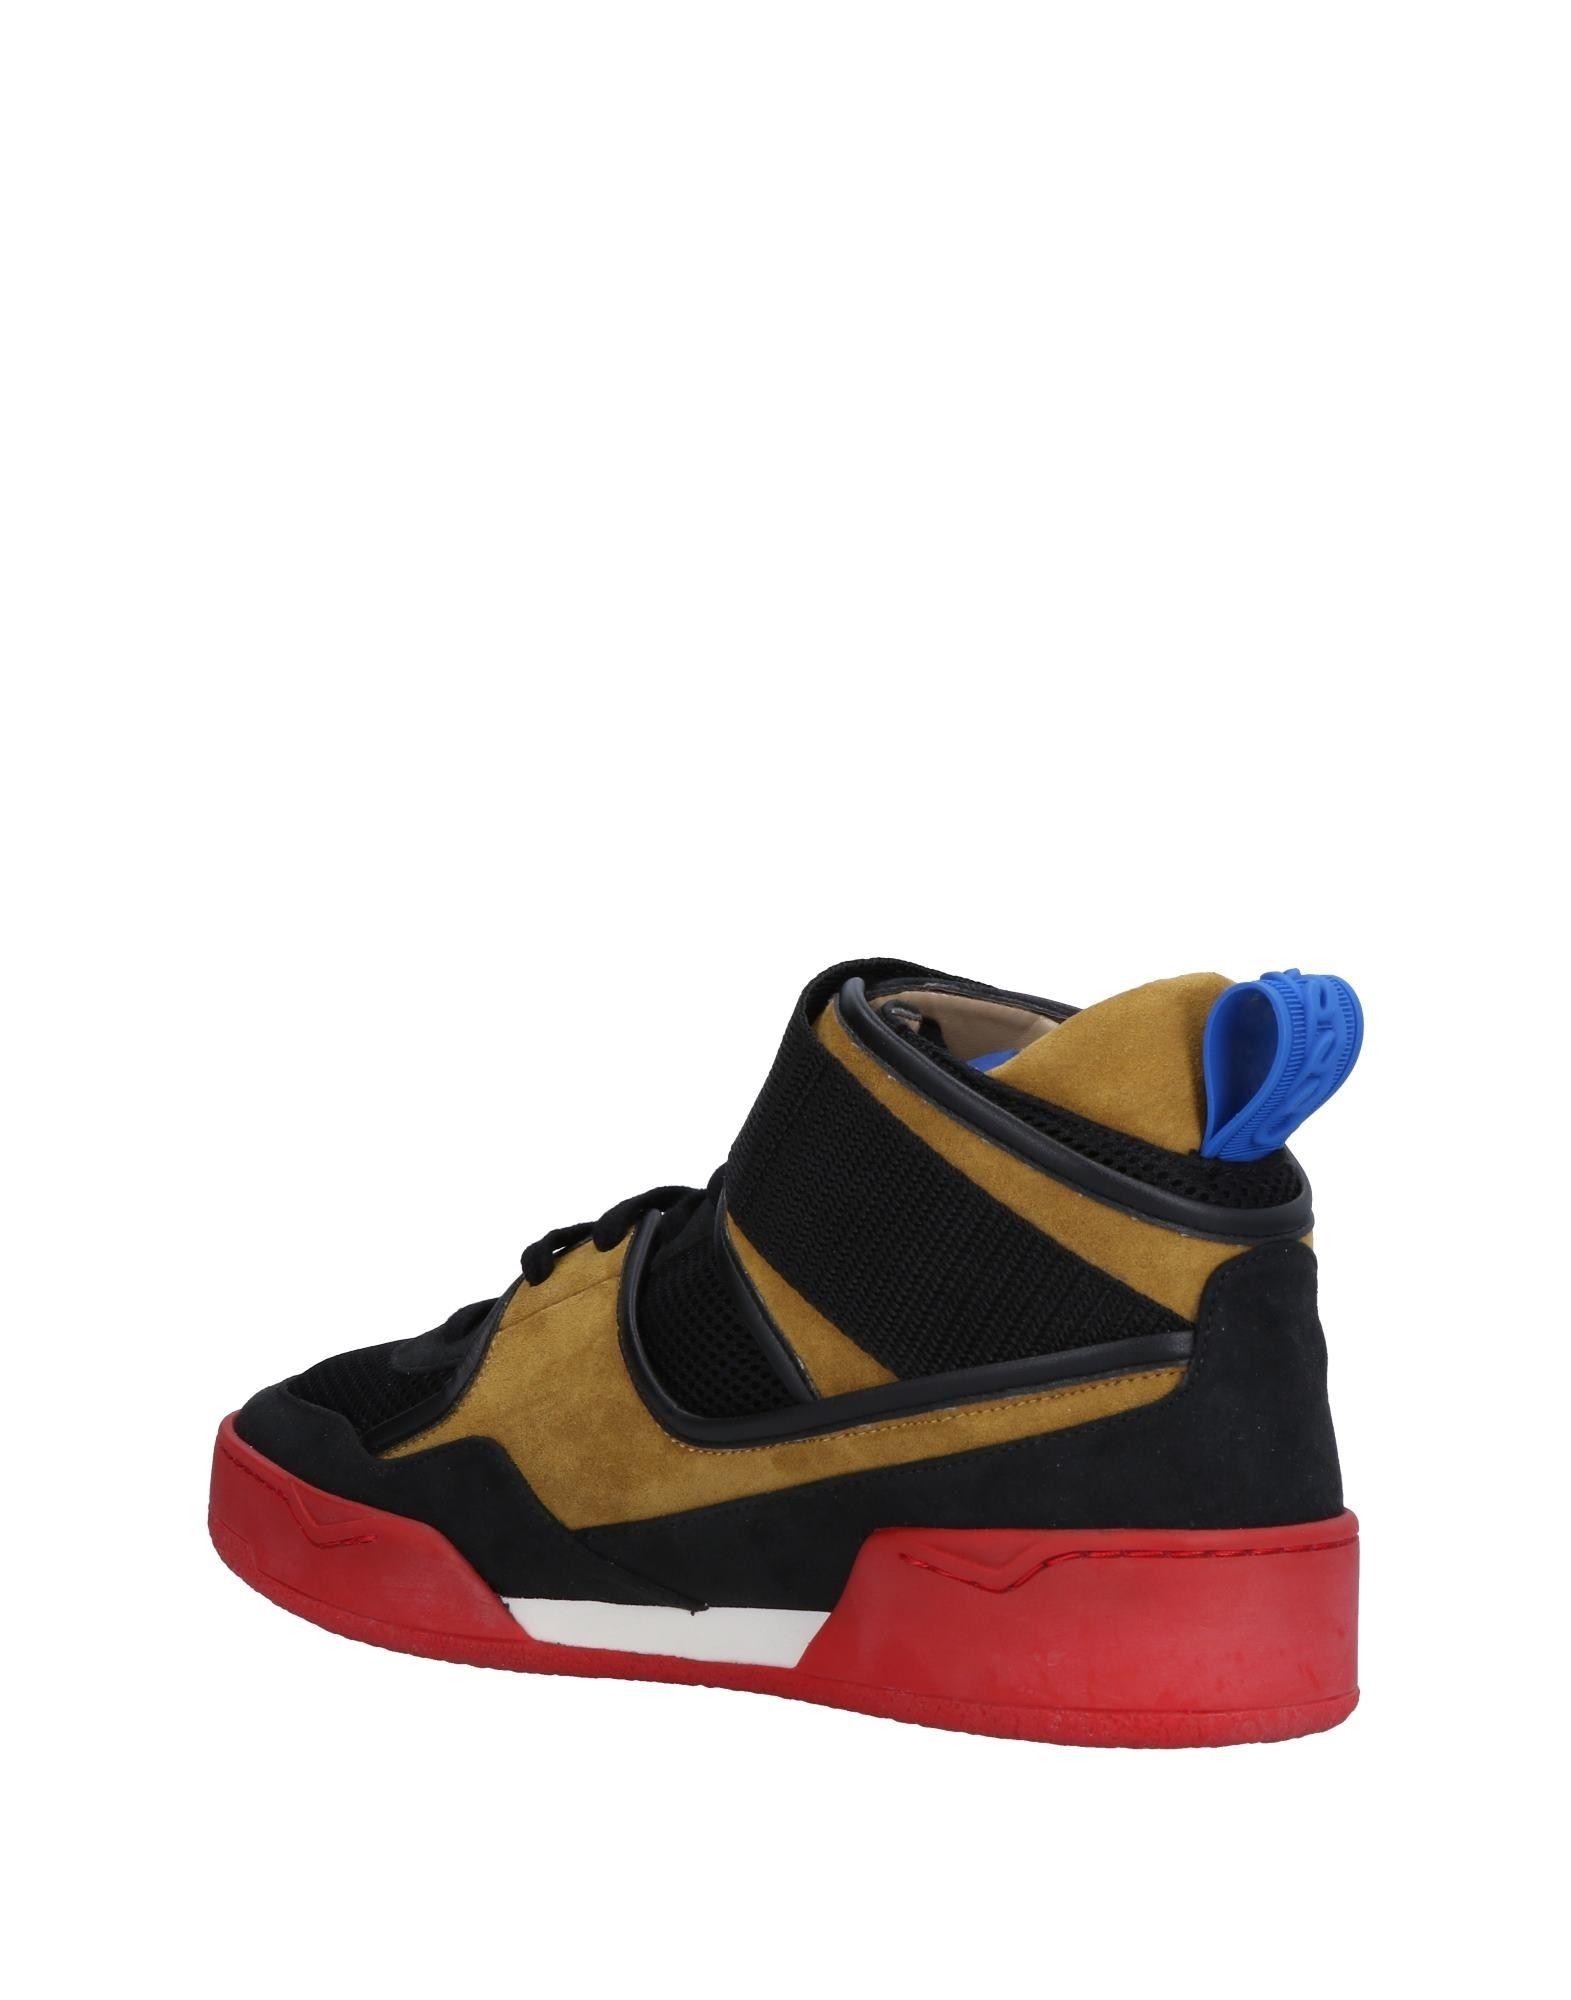 Stella Mccartney Sneakers Gutes Herren Gutes Sneakers Preis-Leistungs-Verhältnis, es lohnt sich 394847